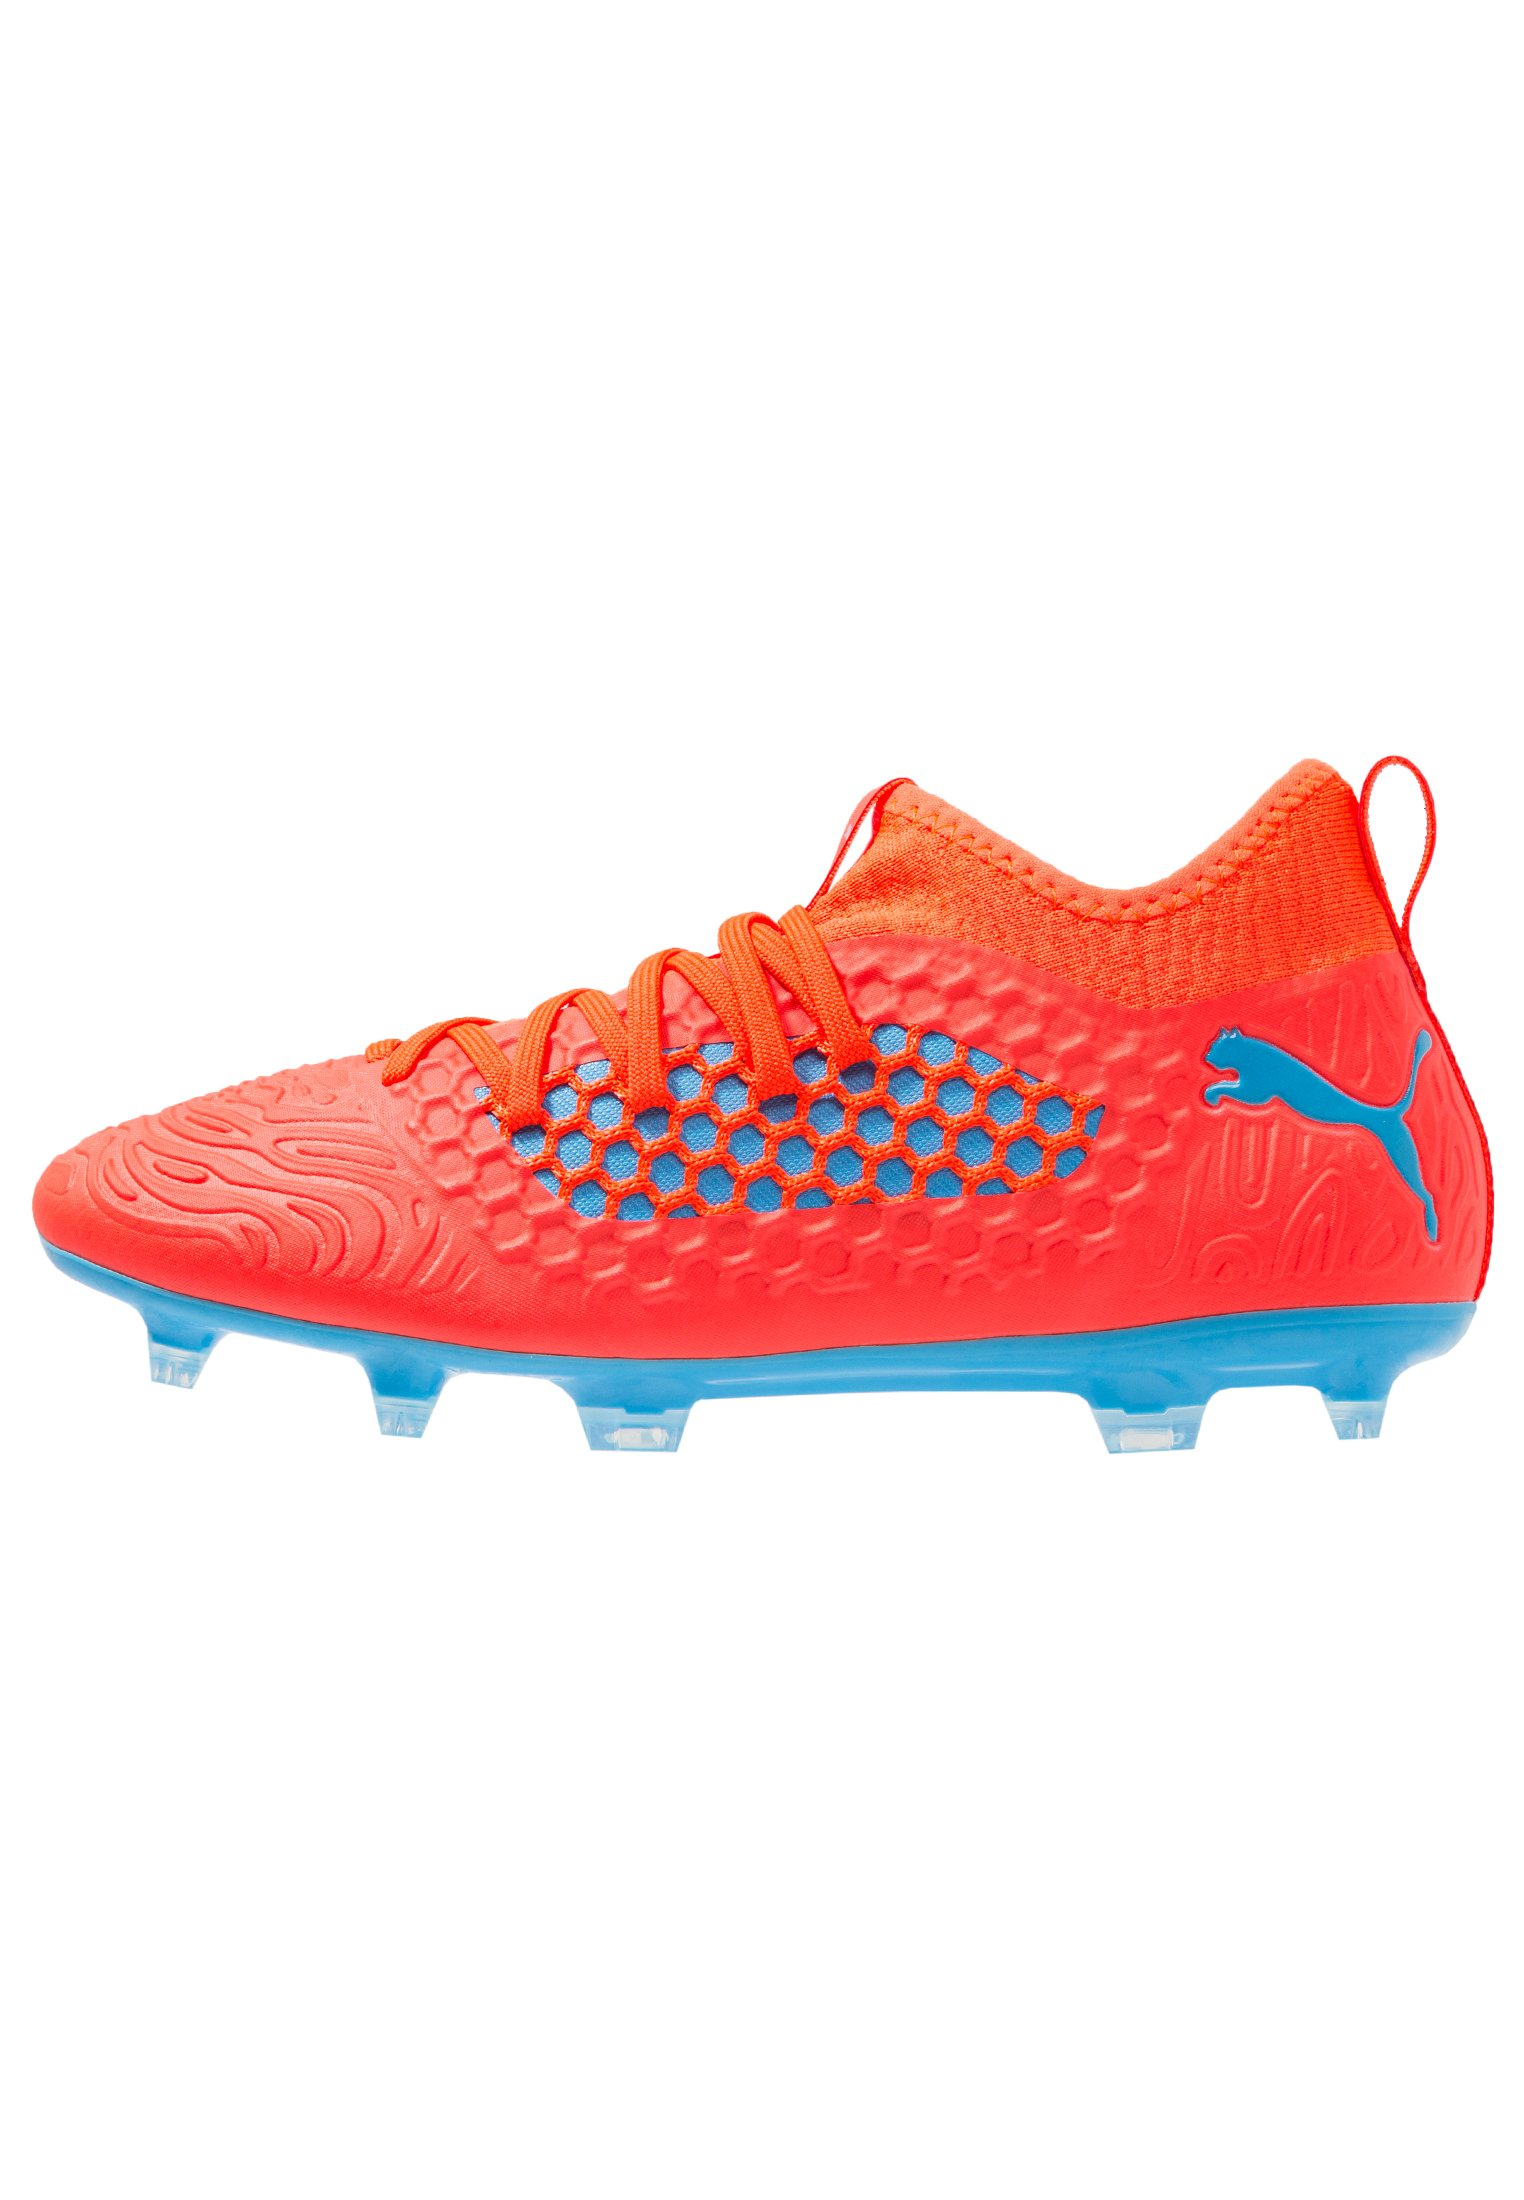 les chaussures de foot puma future